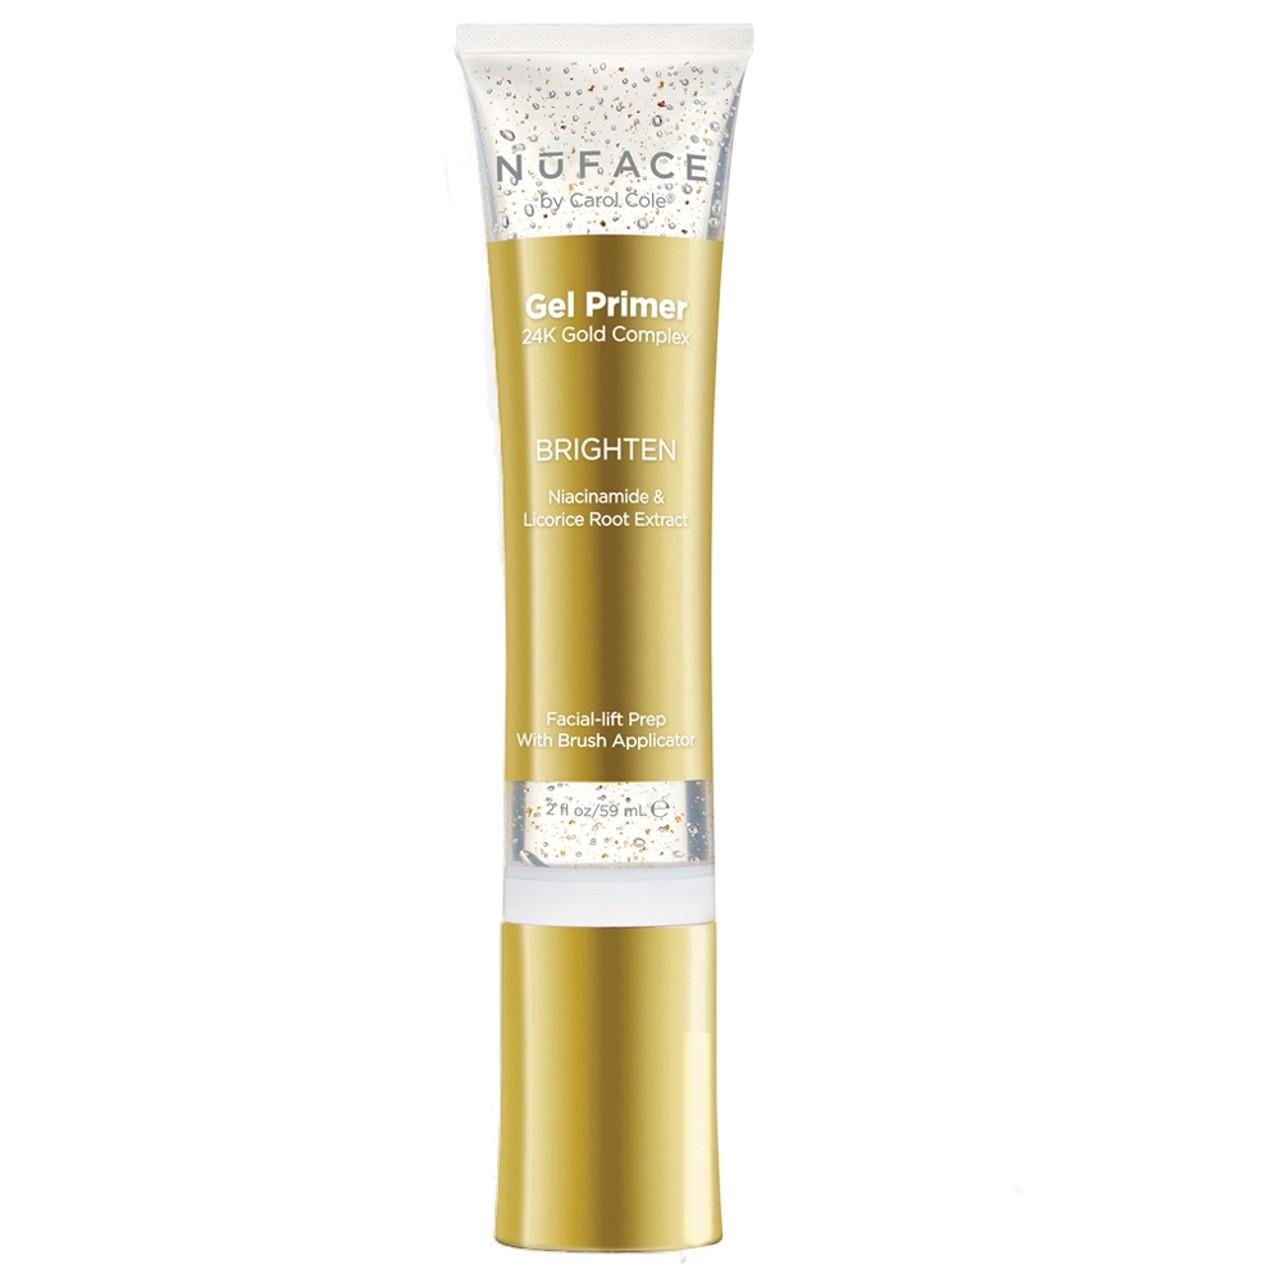 NuFACE Gel Primer 24K Gold Complex - BRIGHTEN